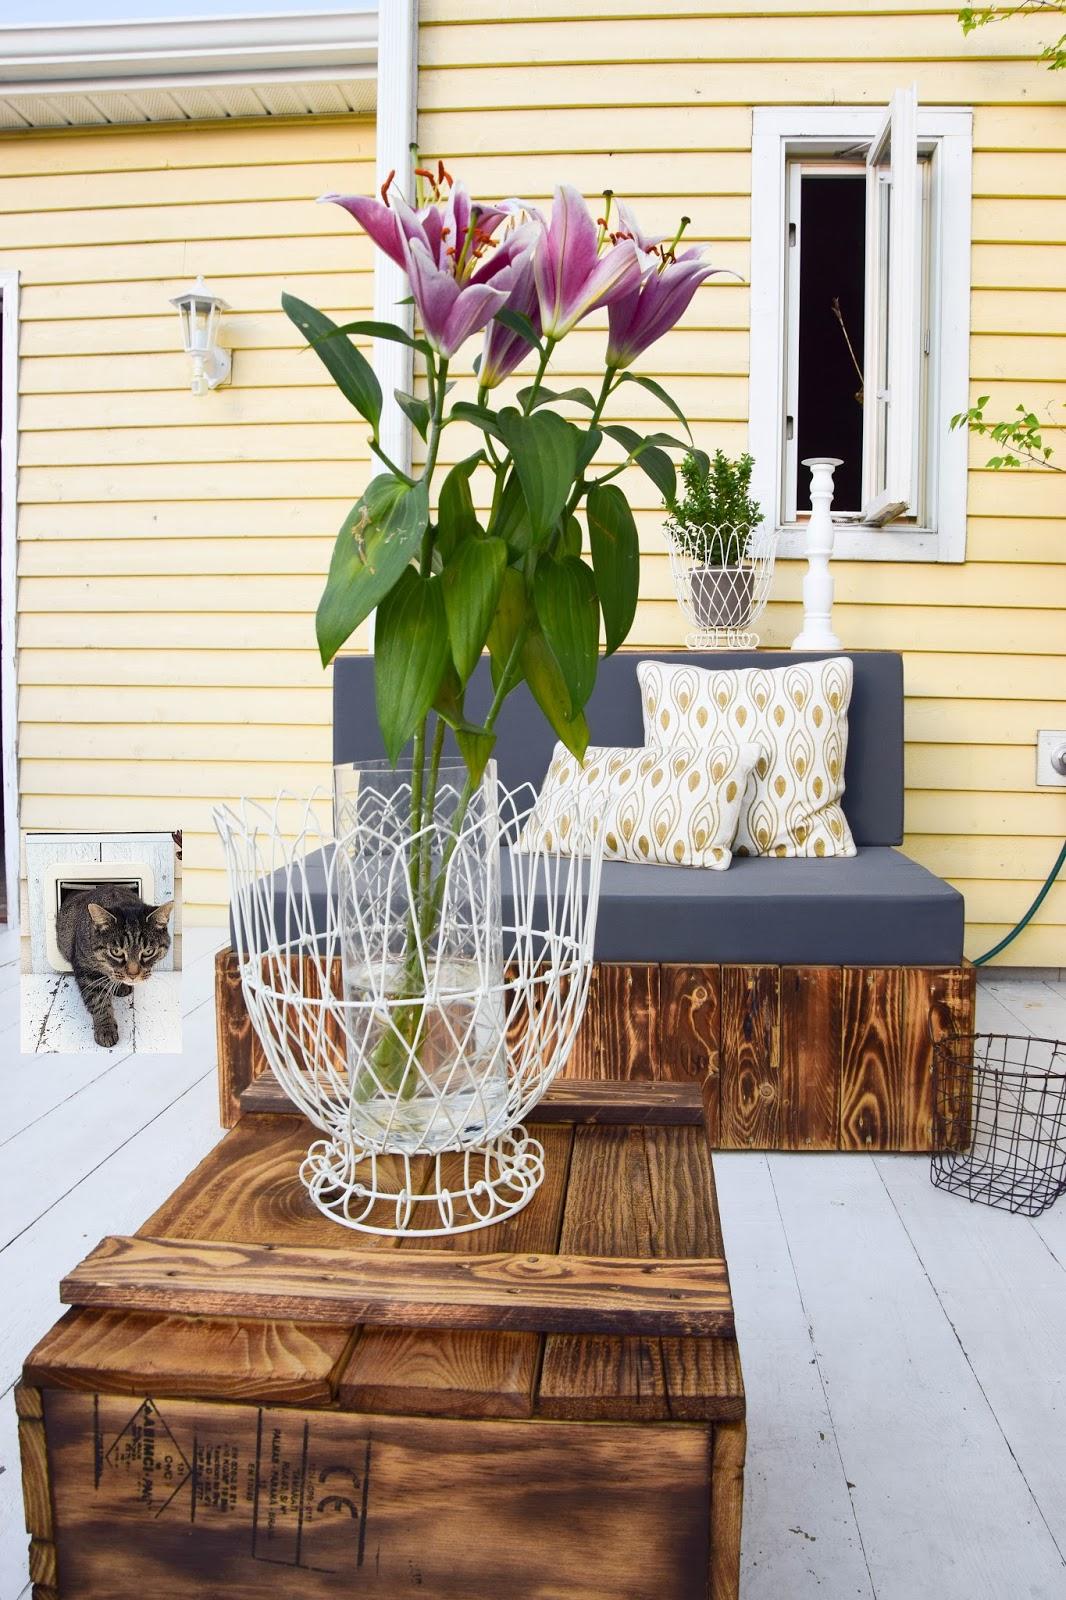 Testbericht Katzenklappe von SureFlap. So kommt eure Katze sicher ins Haus und ihr überwacht alle Aktivitäten per Smartphone. #surepetcare #SureFlapconnect #Anzeige